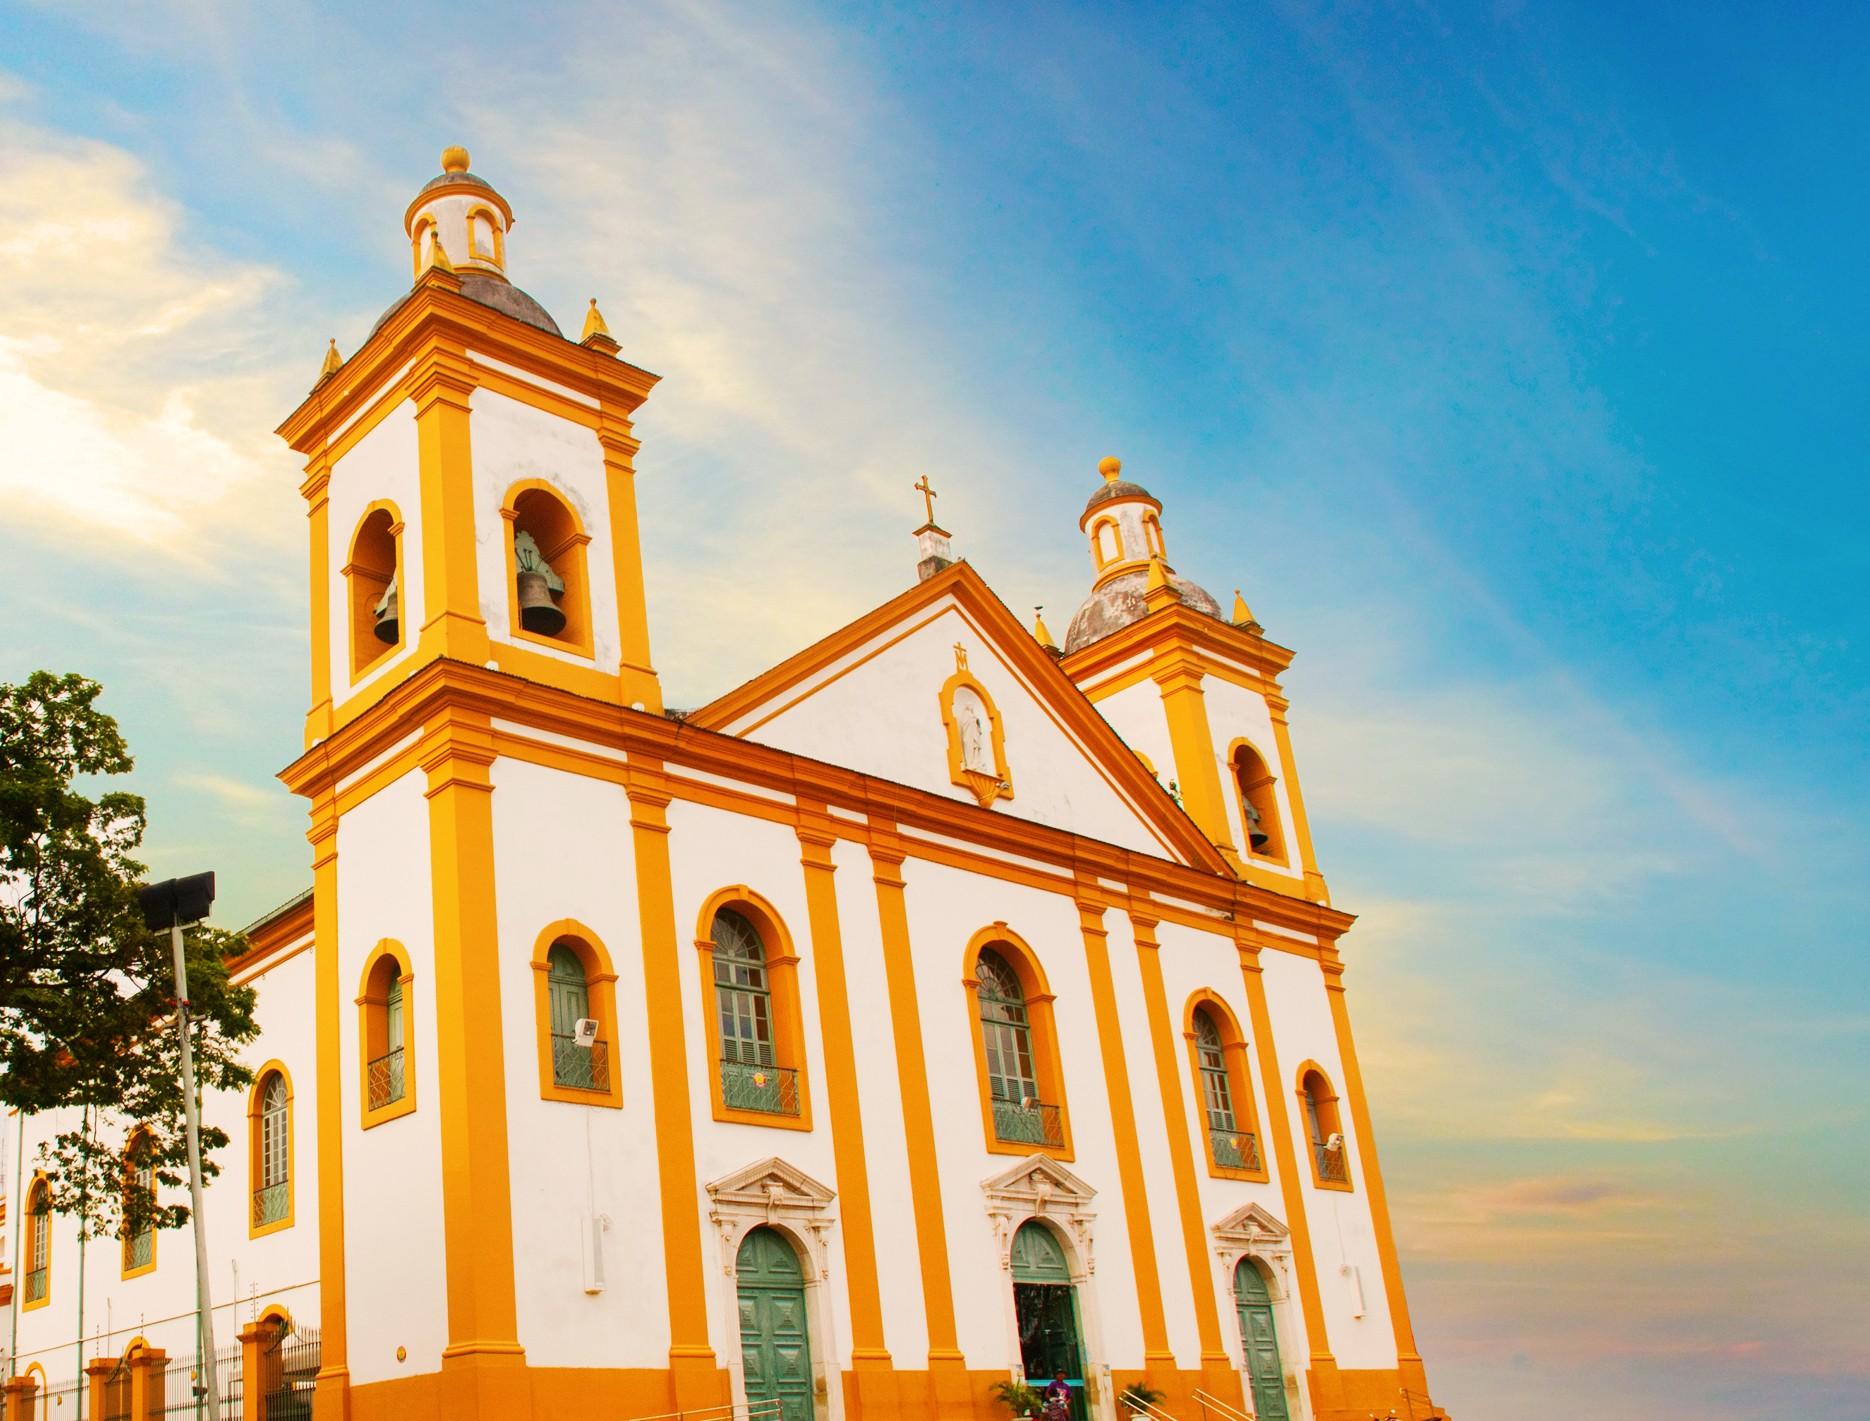 Com a Igreja Matriz, centro histórico reúne arte, cultura e fé em Manaus  - Notícias - Plantão Diário